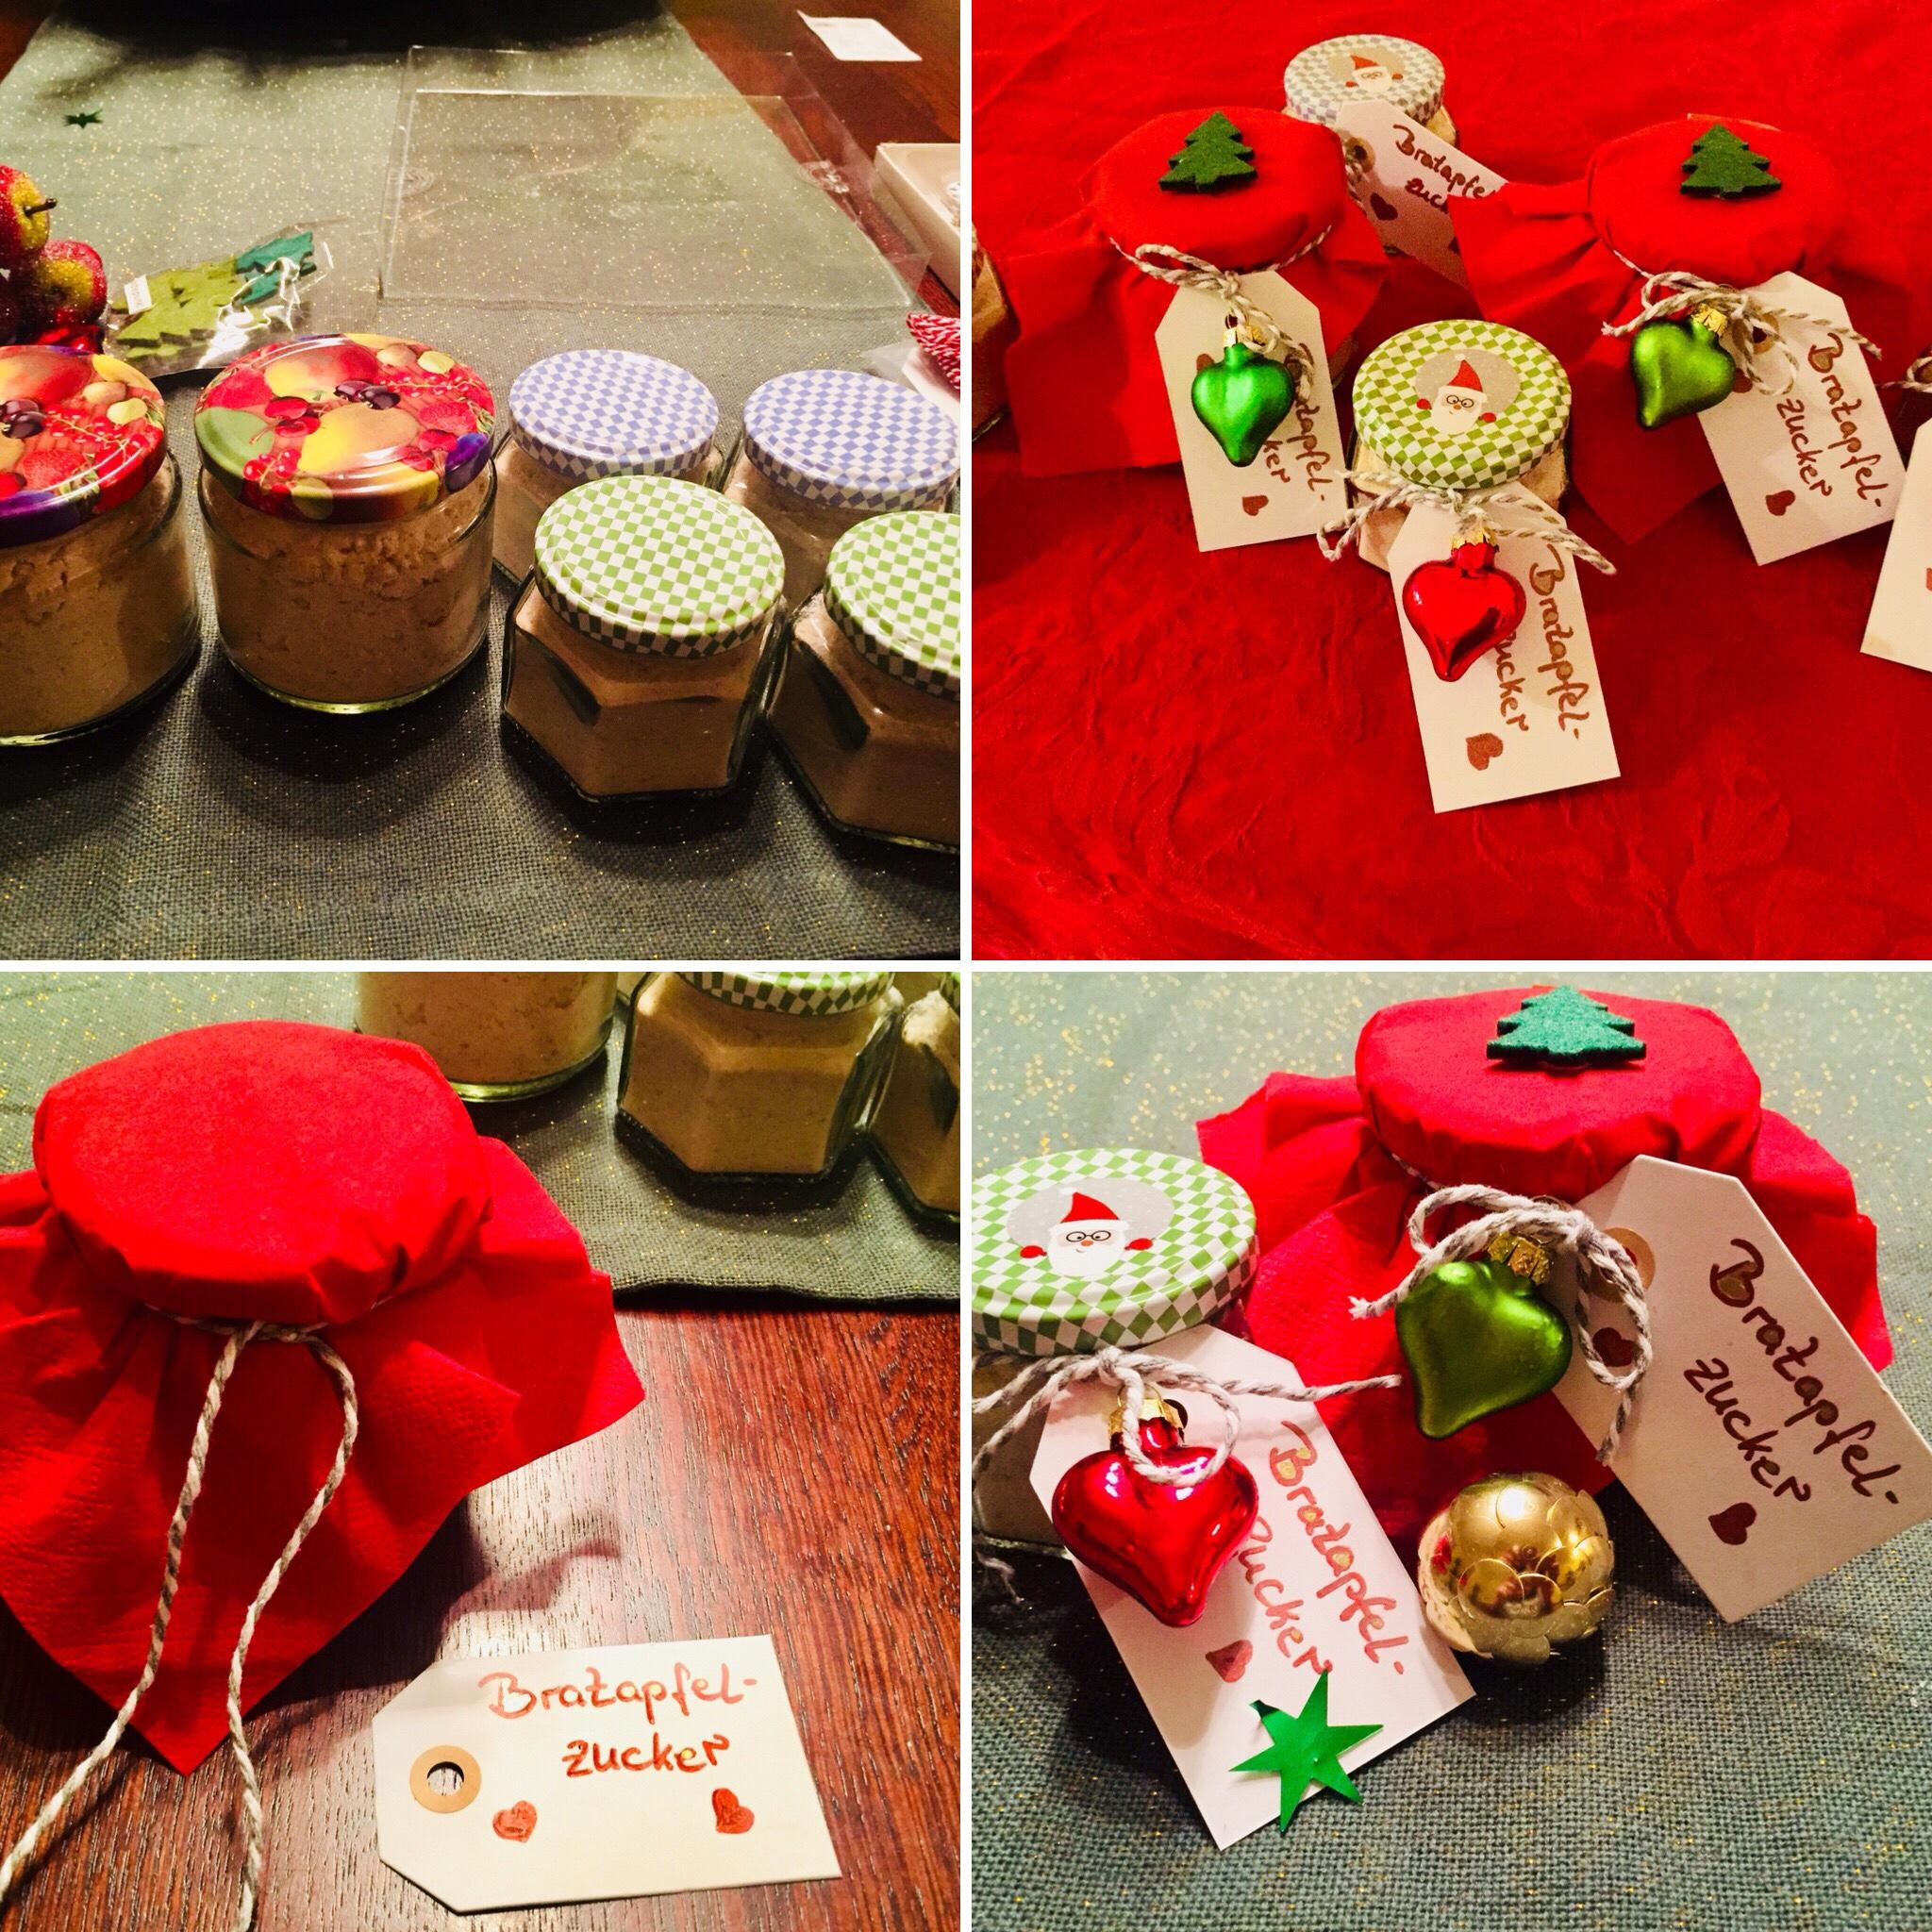 Geschenke aus der Küche zur Weihnachtszeit – Bratapfelzucker ...